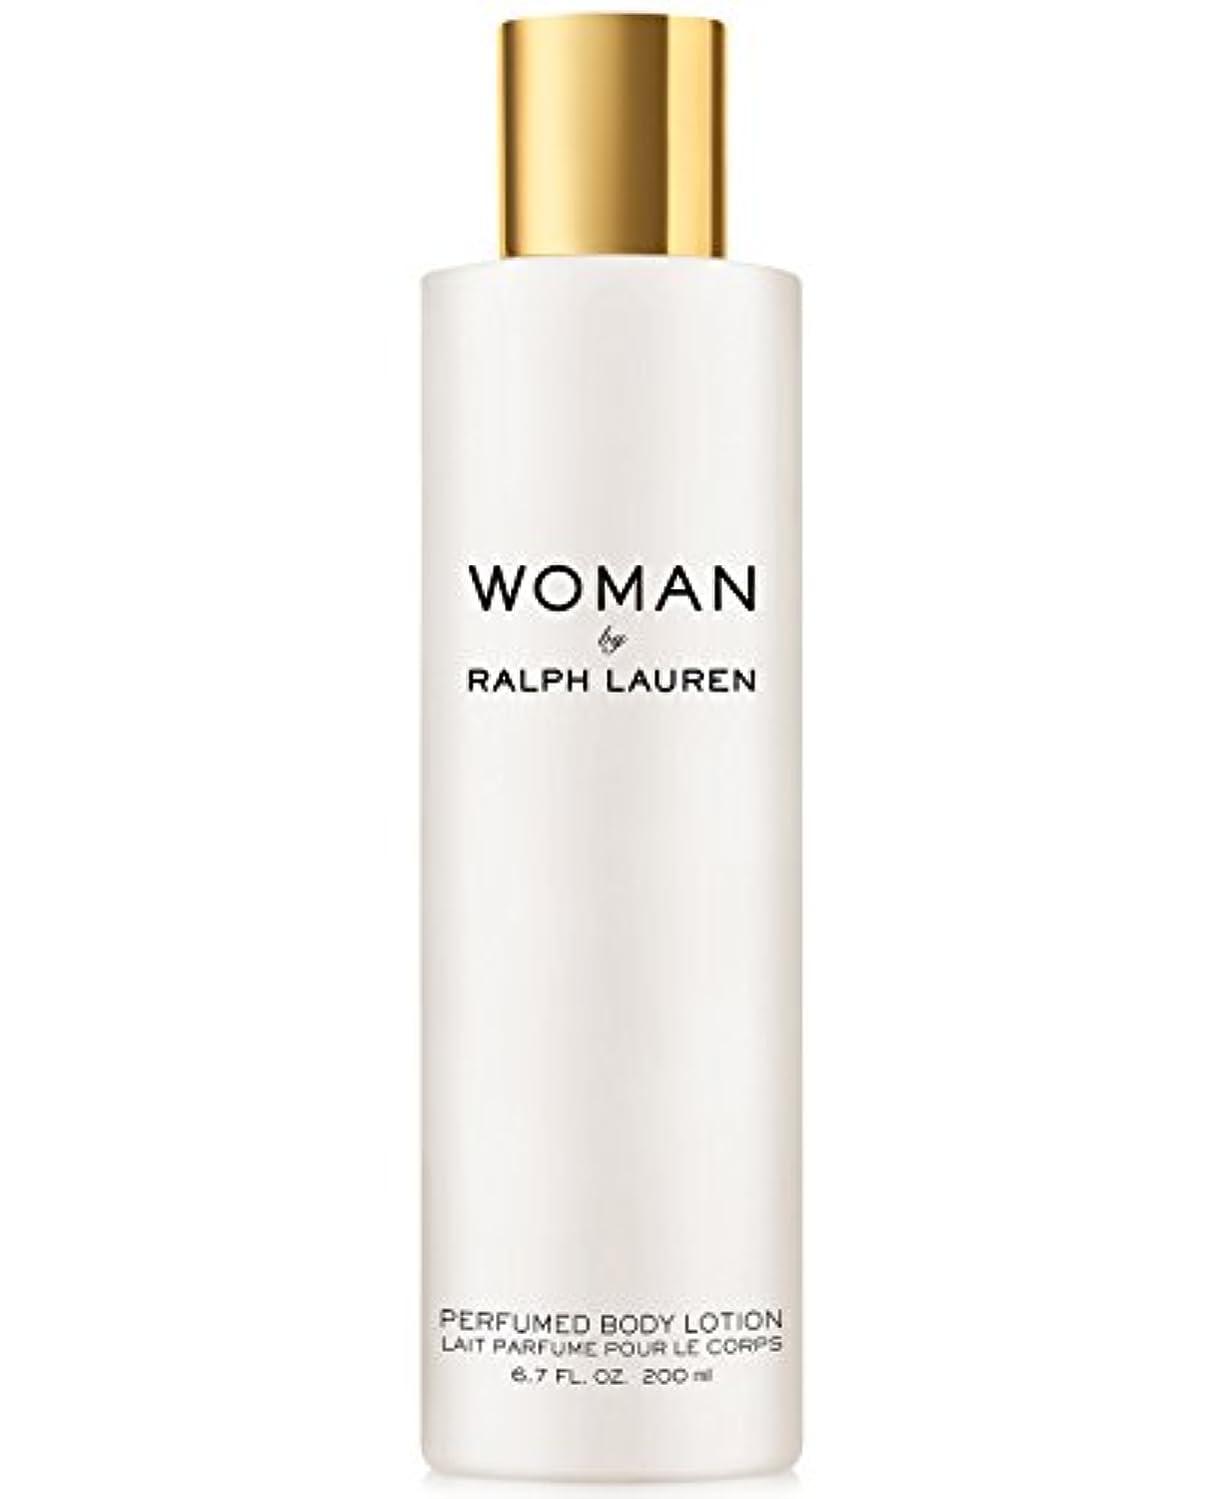 二層びっくりした一時停止Woman (ウーマン) 6.7 oz (200ml) Perfumed Body Lotion(ラルフ ローレン)